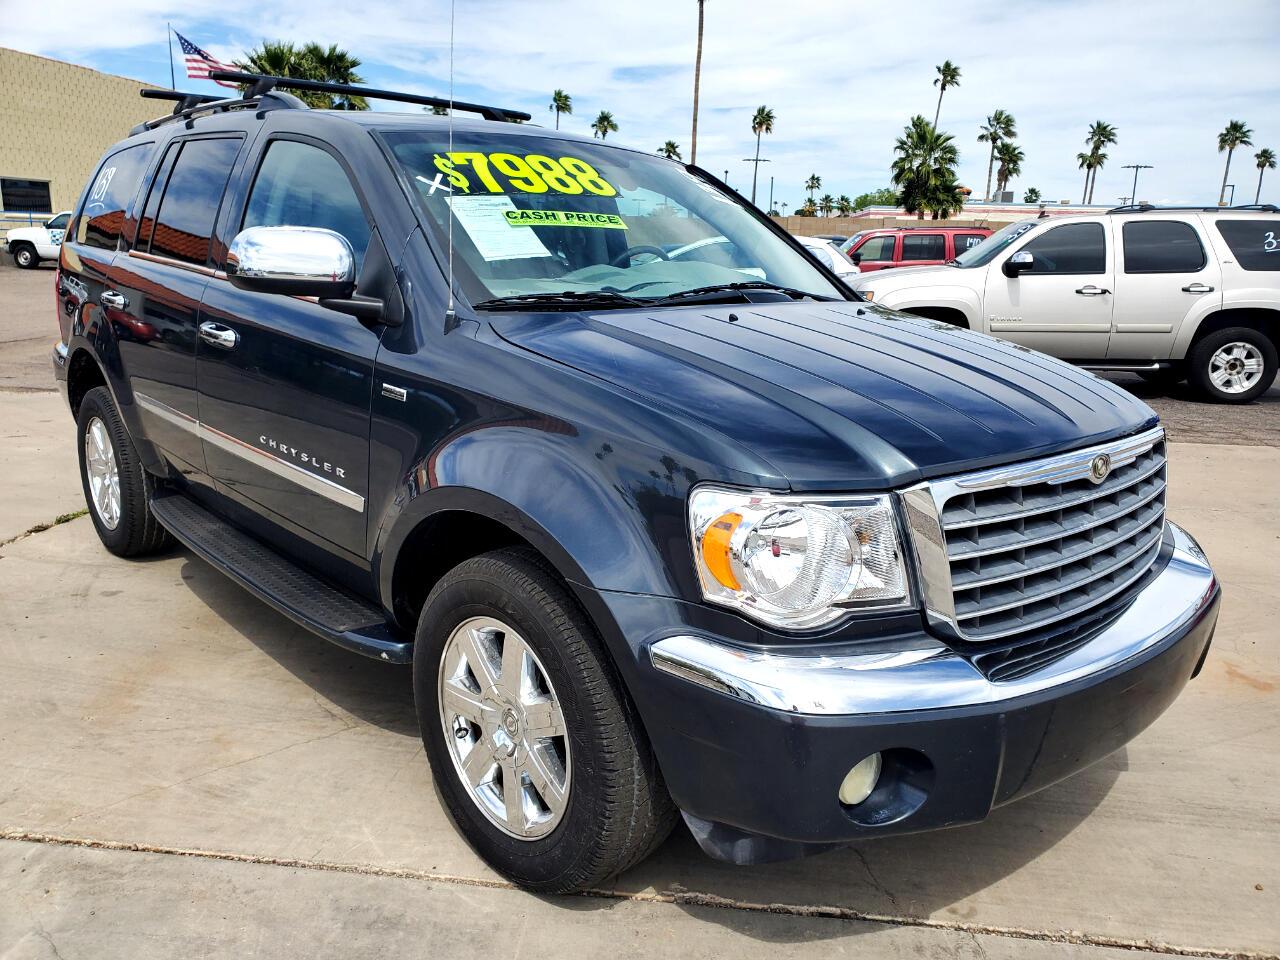 Chrysler Aspen Limited 2WD 2008